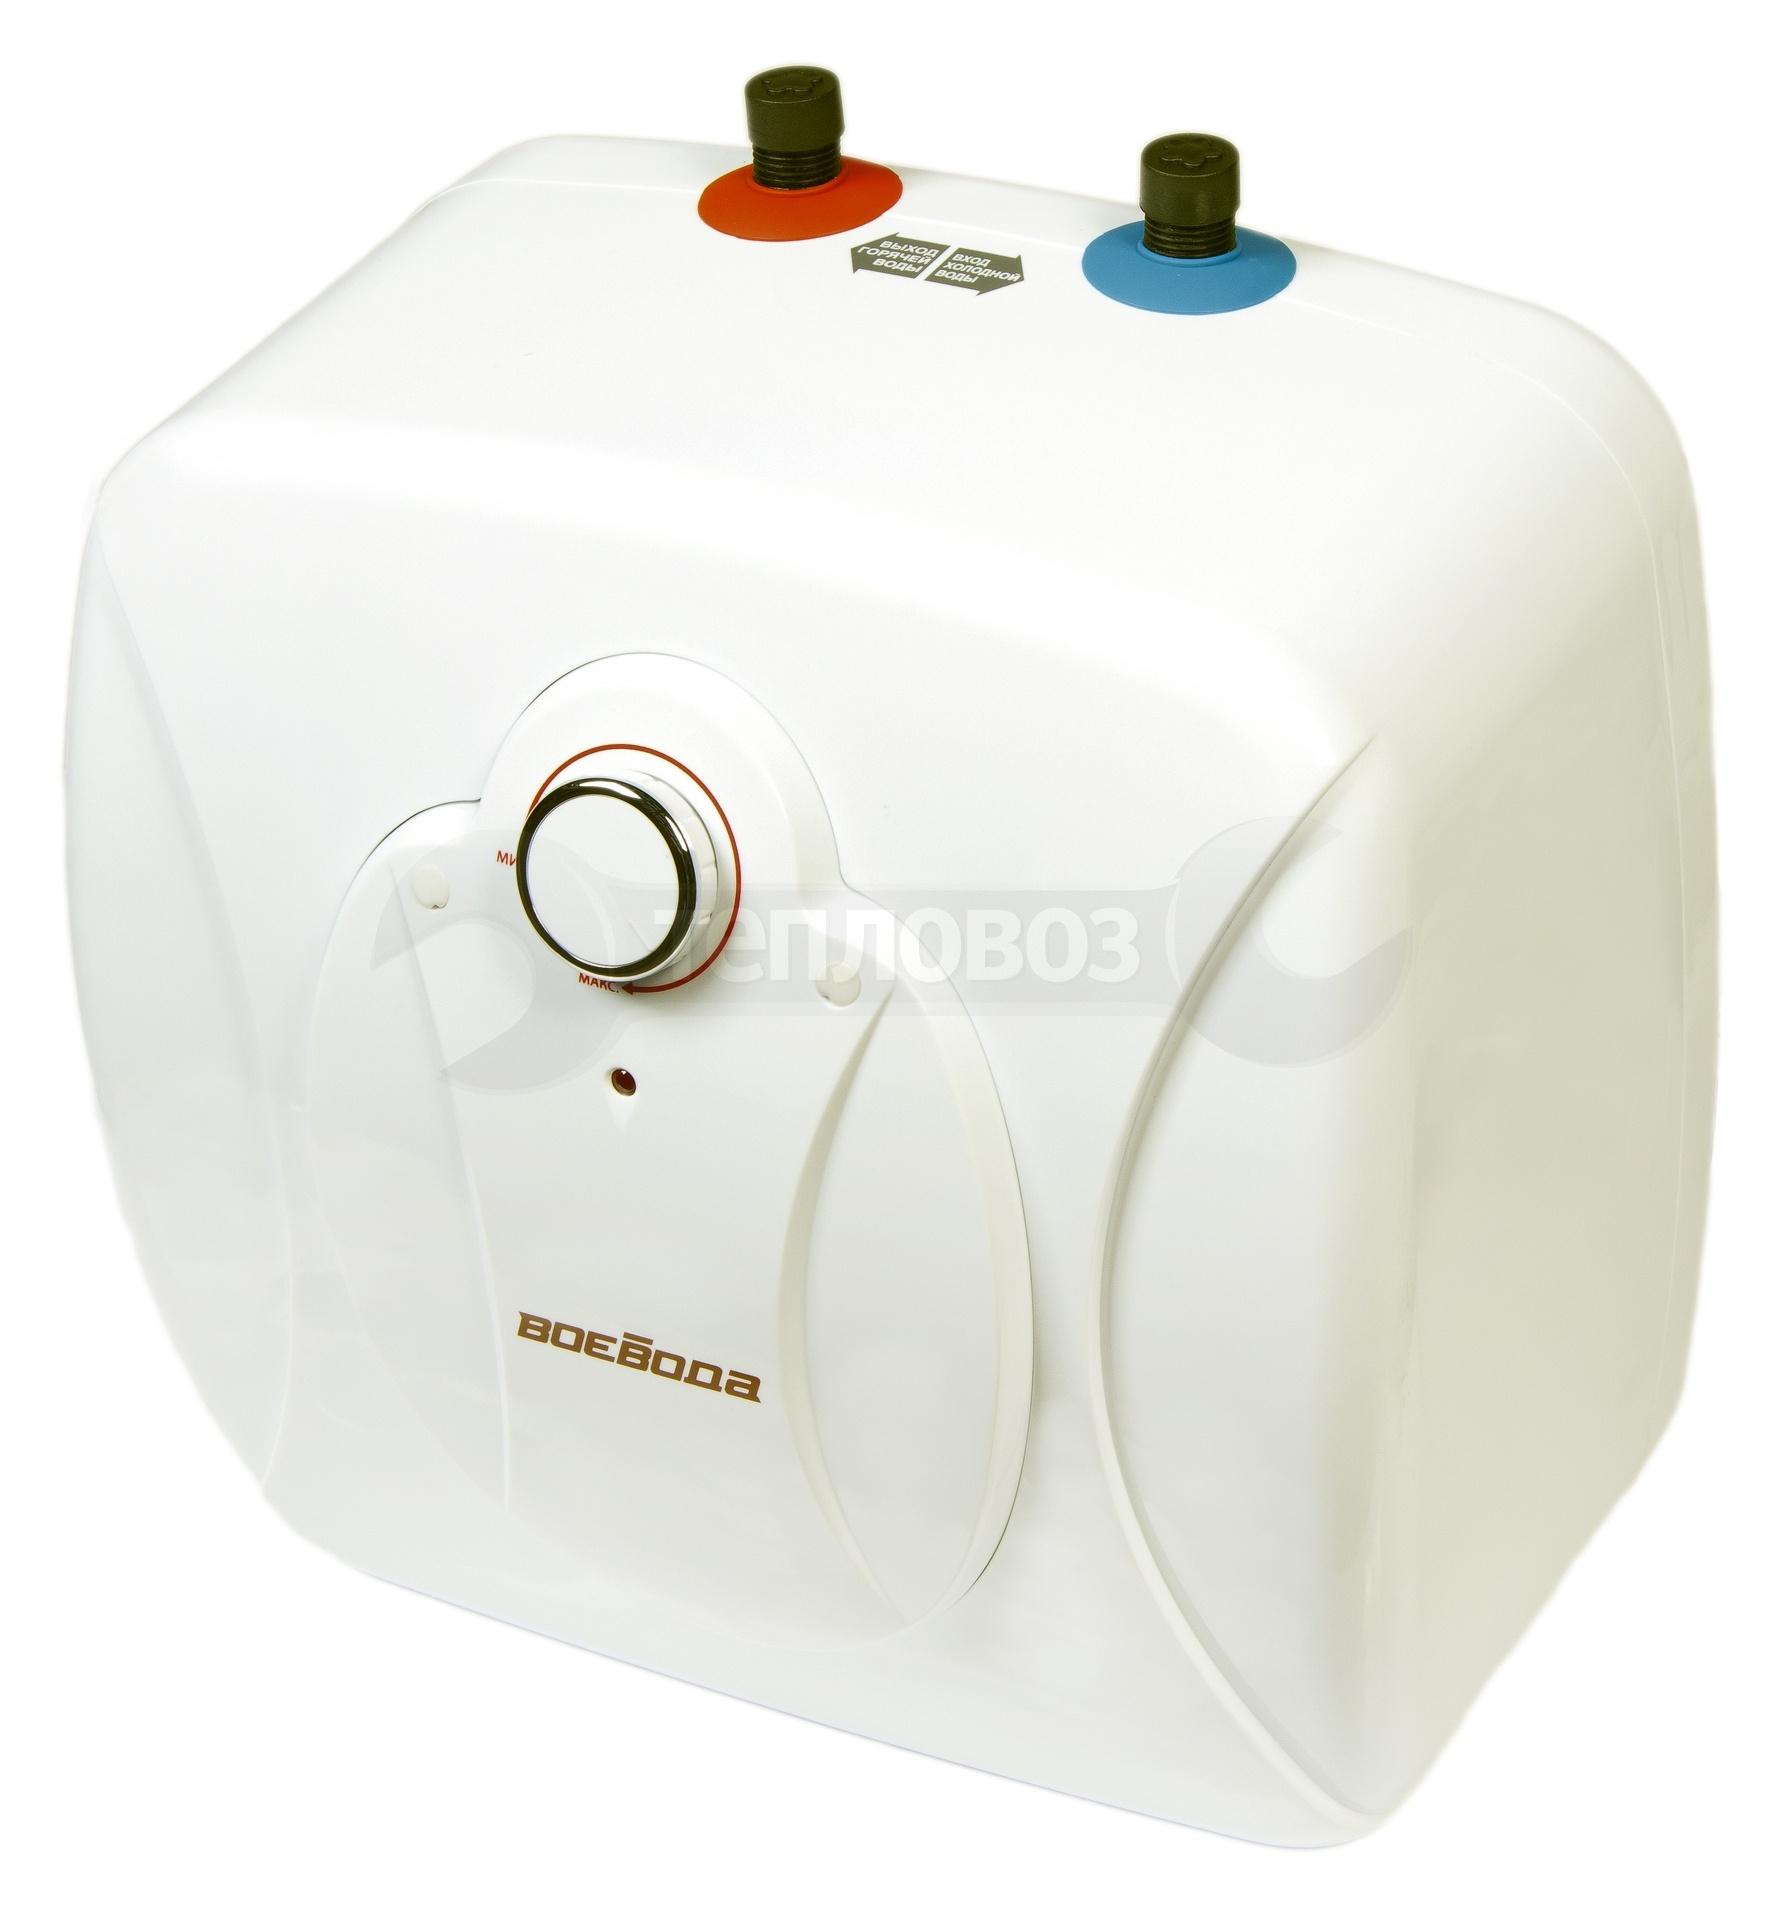 Воевода Mini E 15 UM водонагреватель под раковиной 15 л